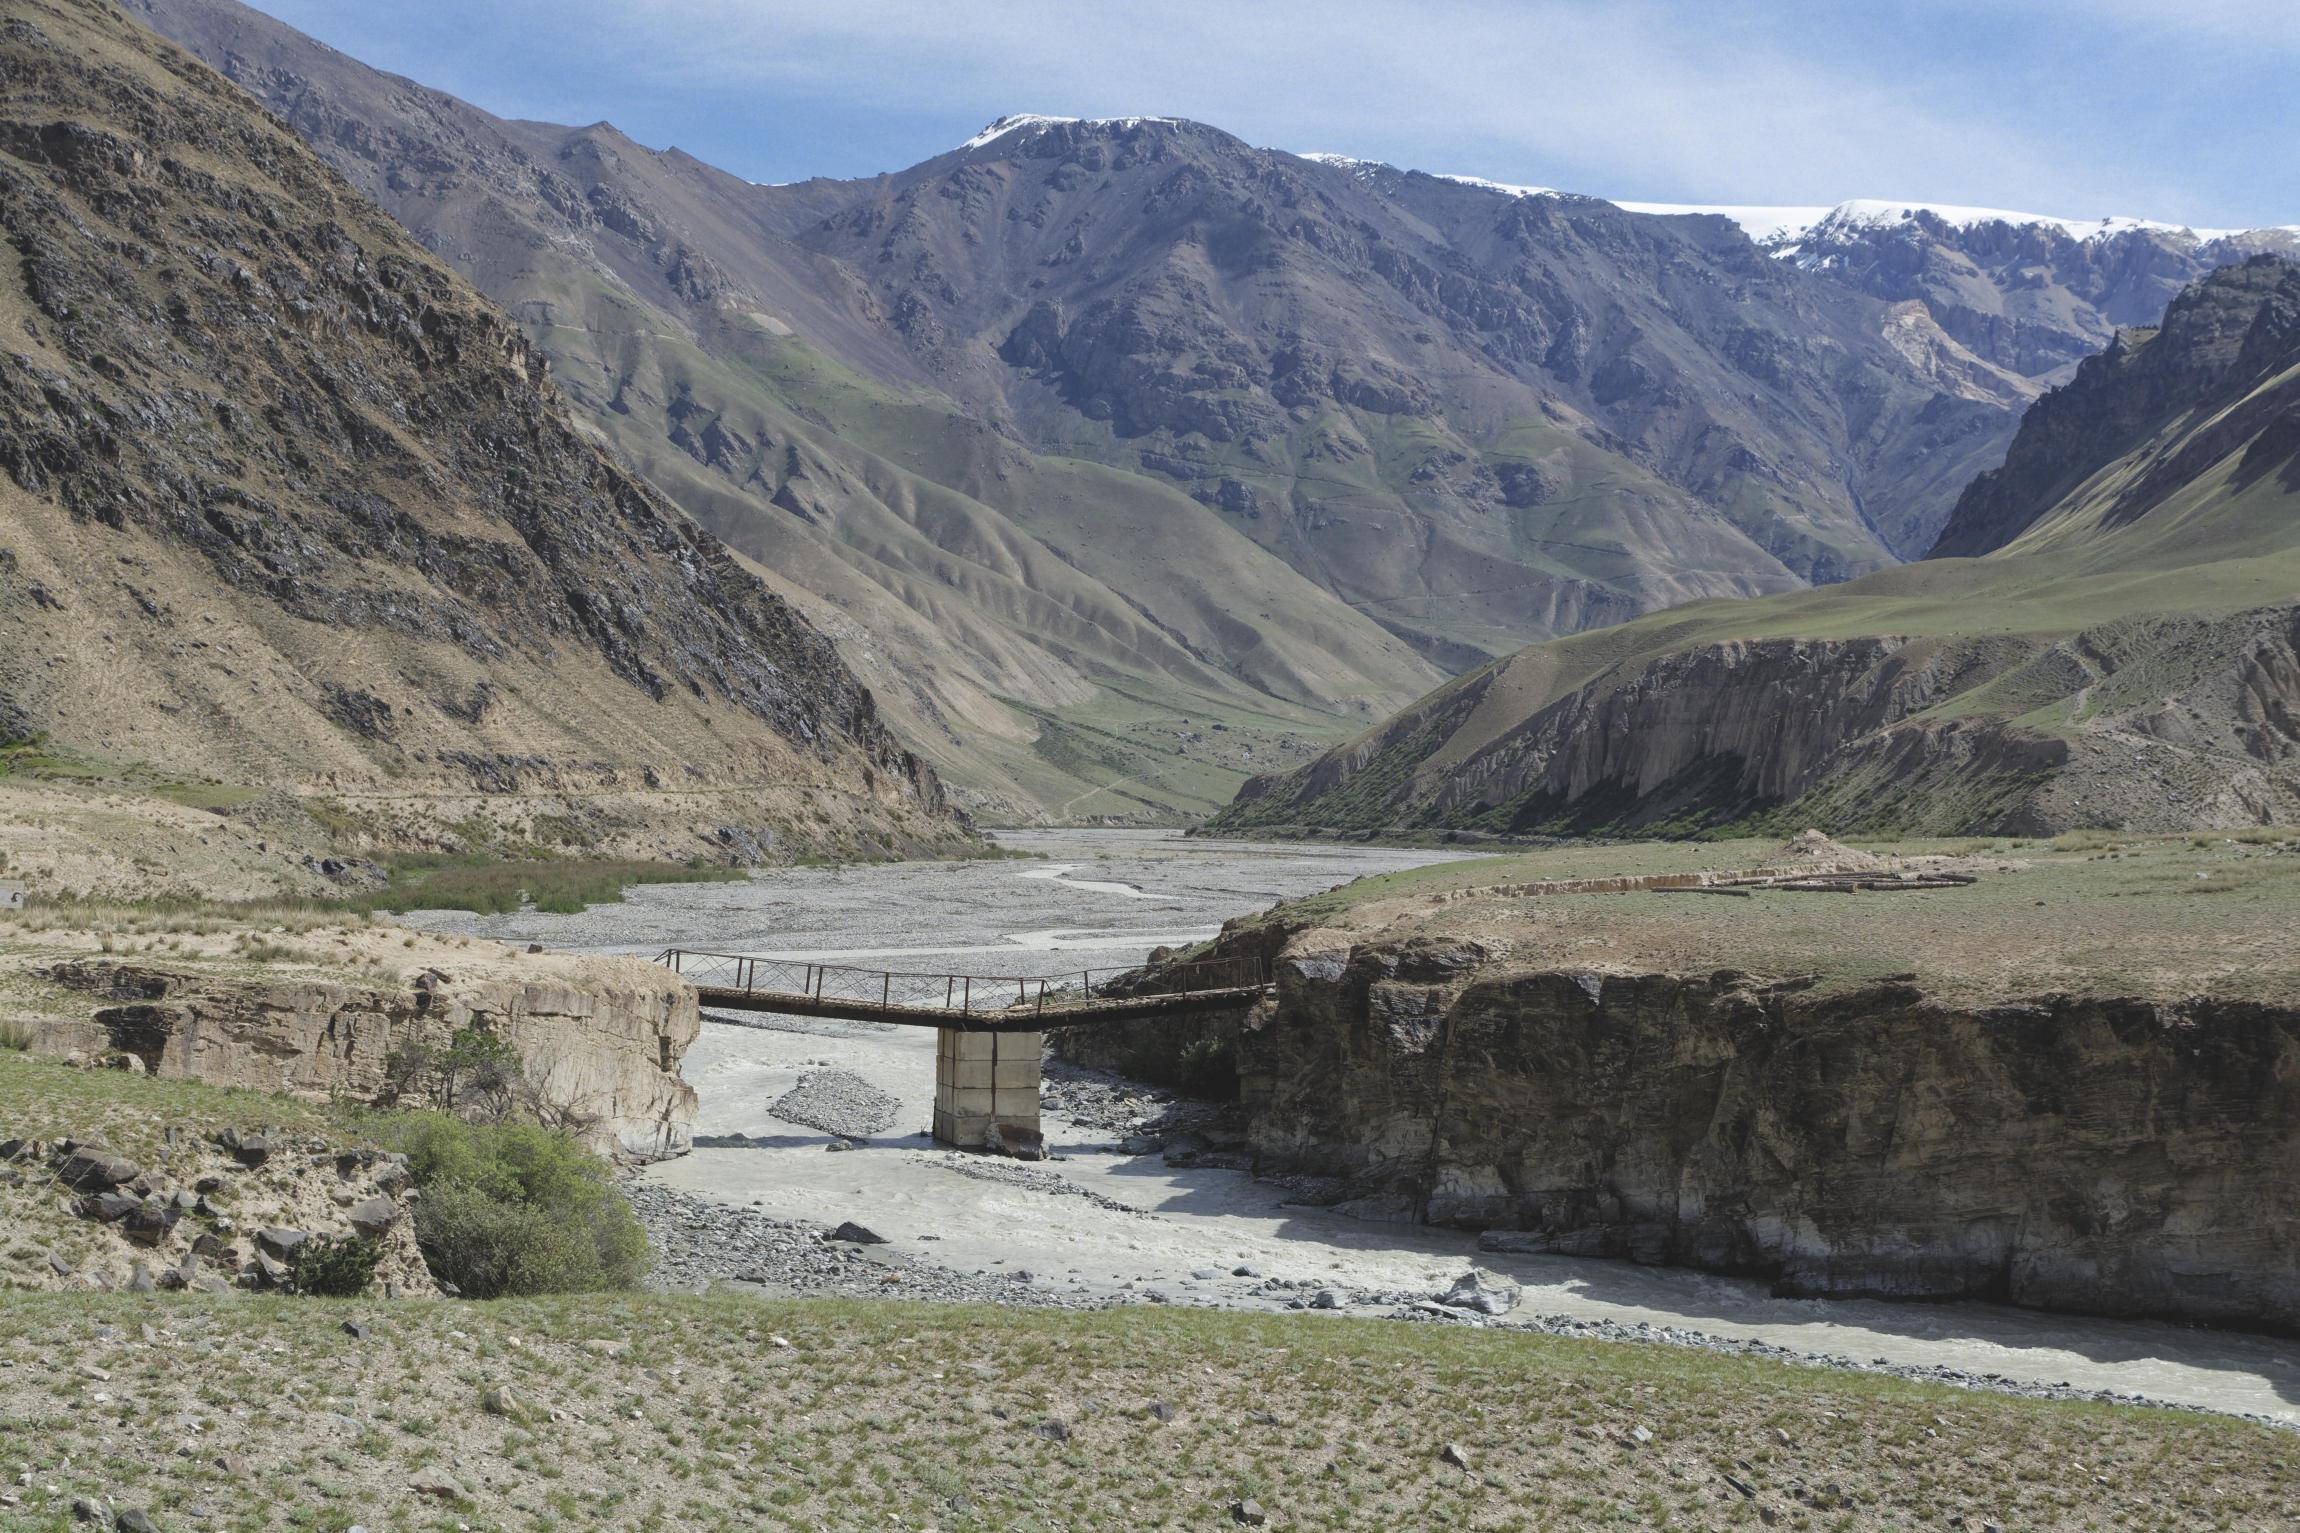 Pont sur la rivière vallée de Kaindy Kirghizstan